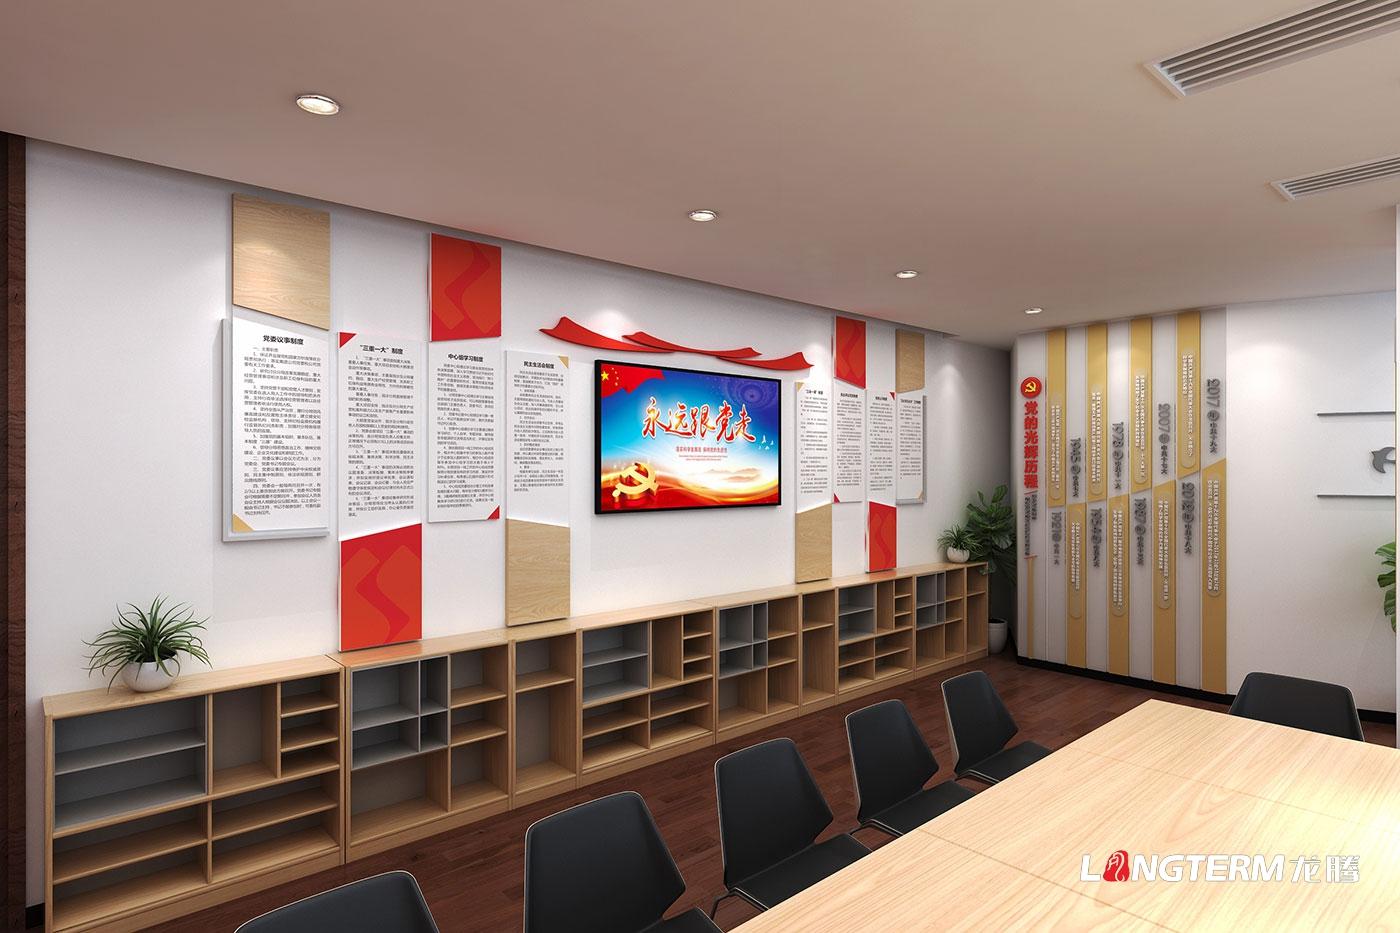 水电五局总部党建室文化墙设计_国企党员活动室改造设计效果图